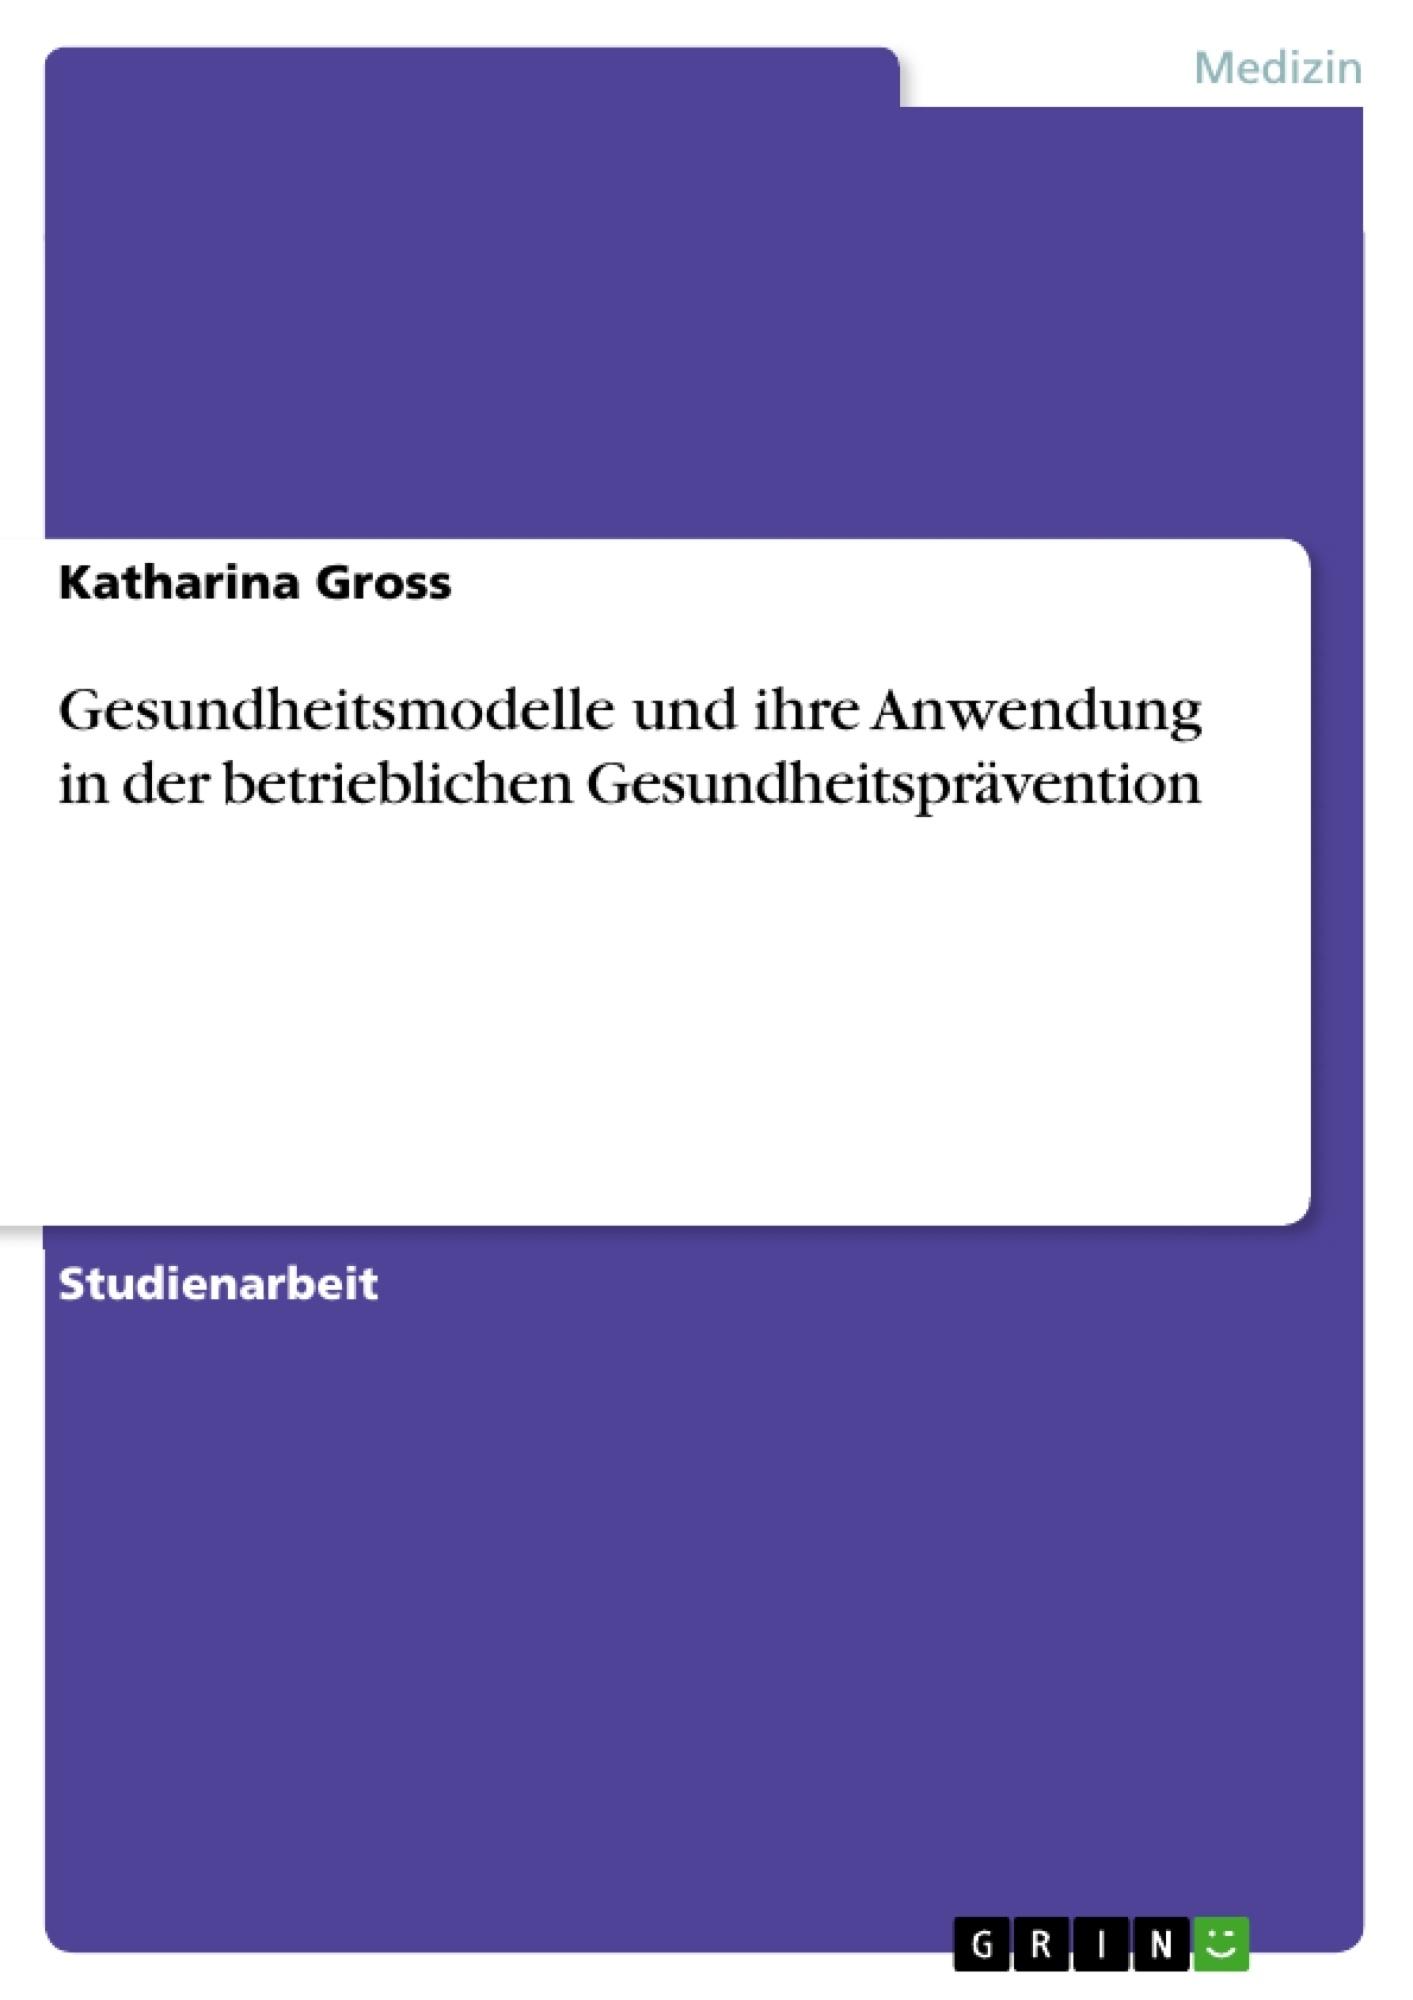 Titel: Gesundheitsmodelle und ihre Anwendung in der betrieblichen Gesundheitsprävention